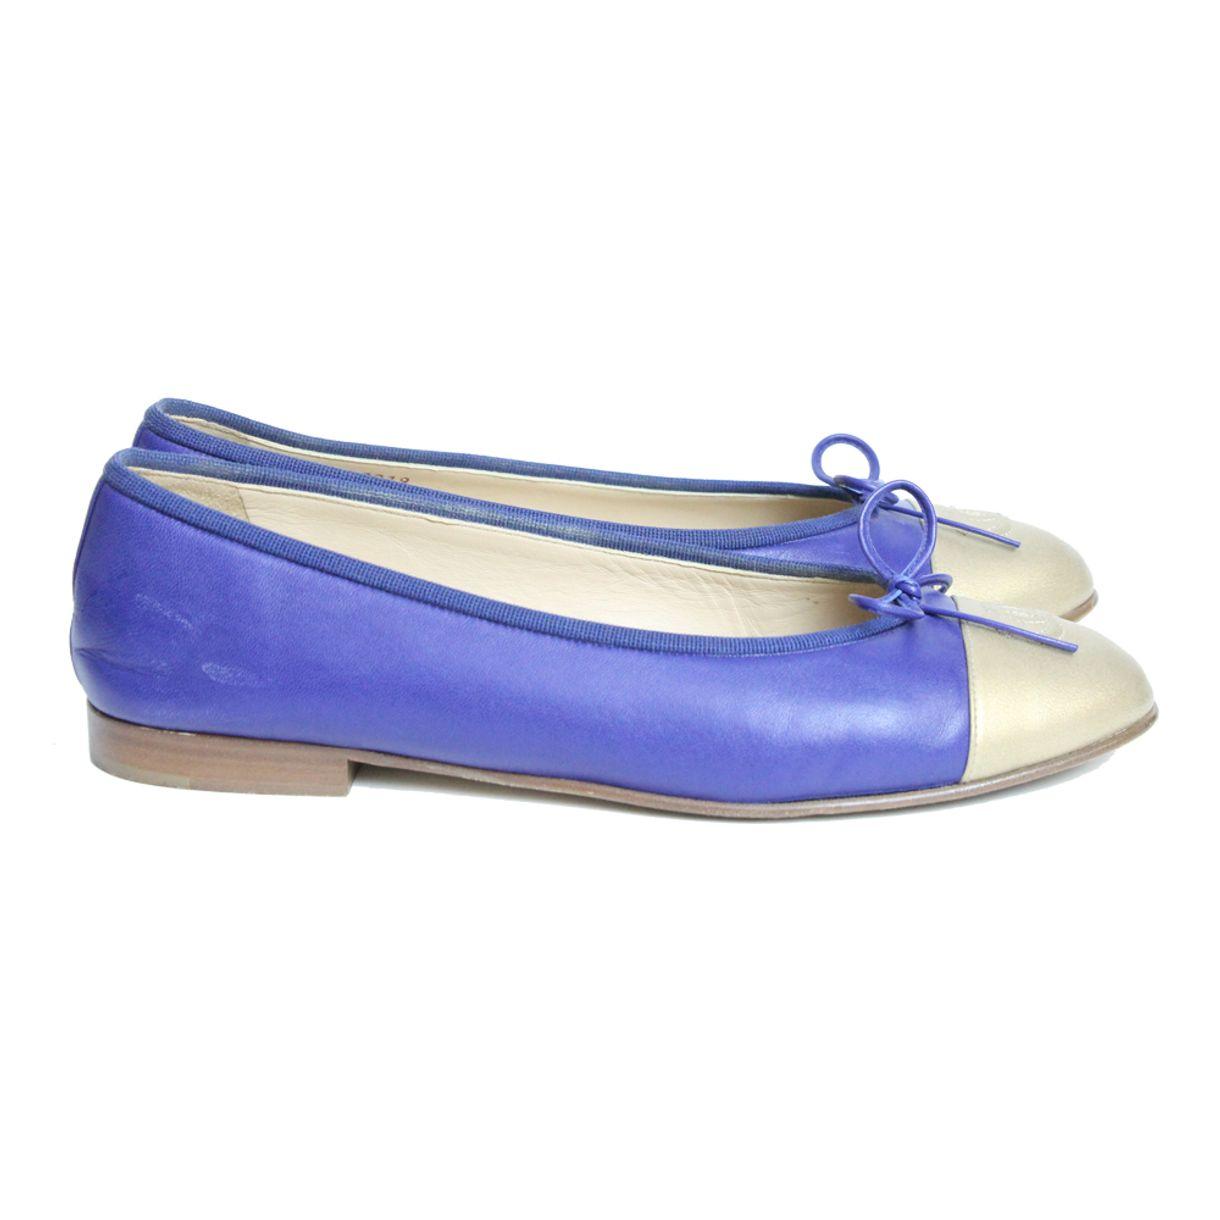 Sapatilha-Chanel-Couro-Azul-e-Dourado